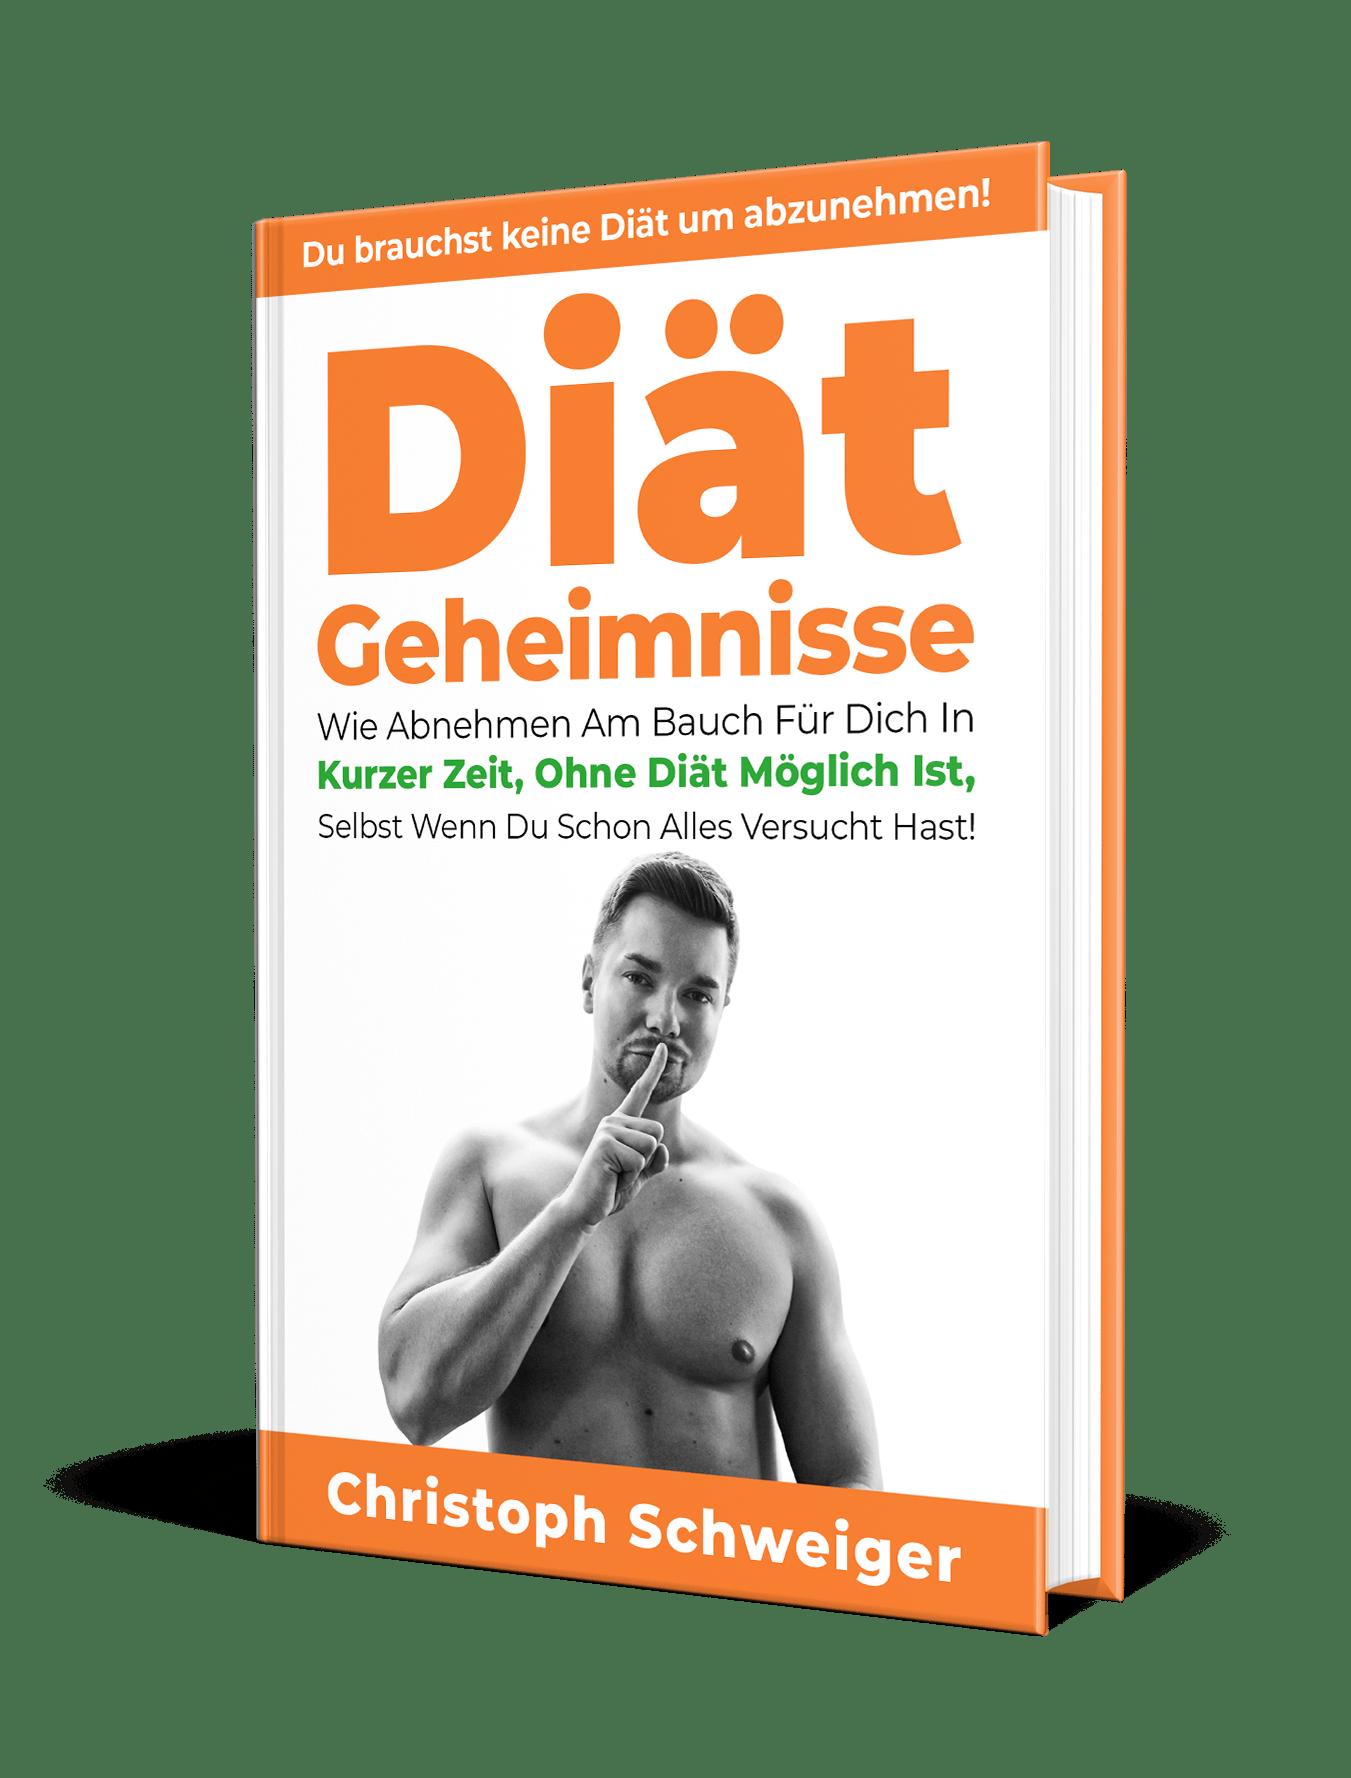 Gratis Buch Diät Geheimnisse